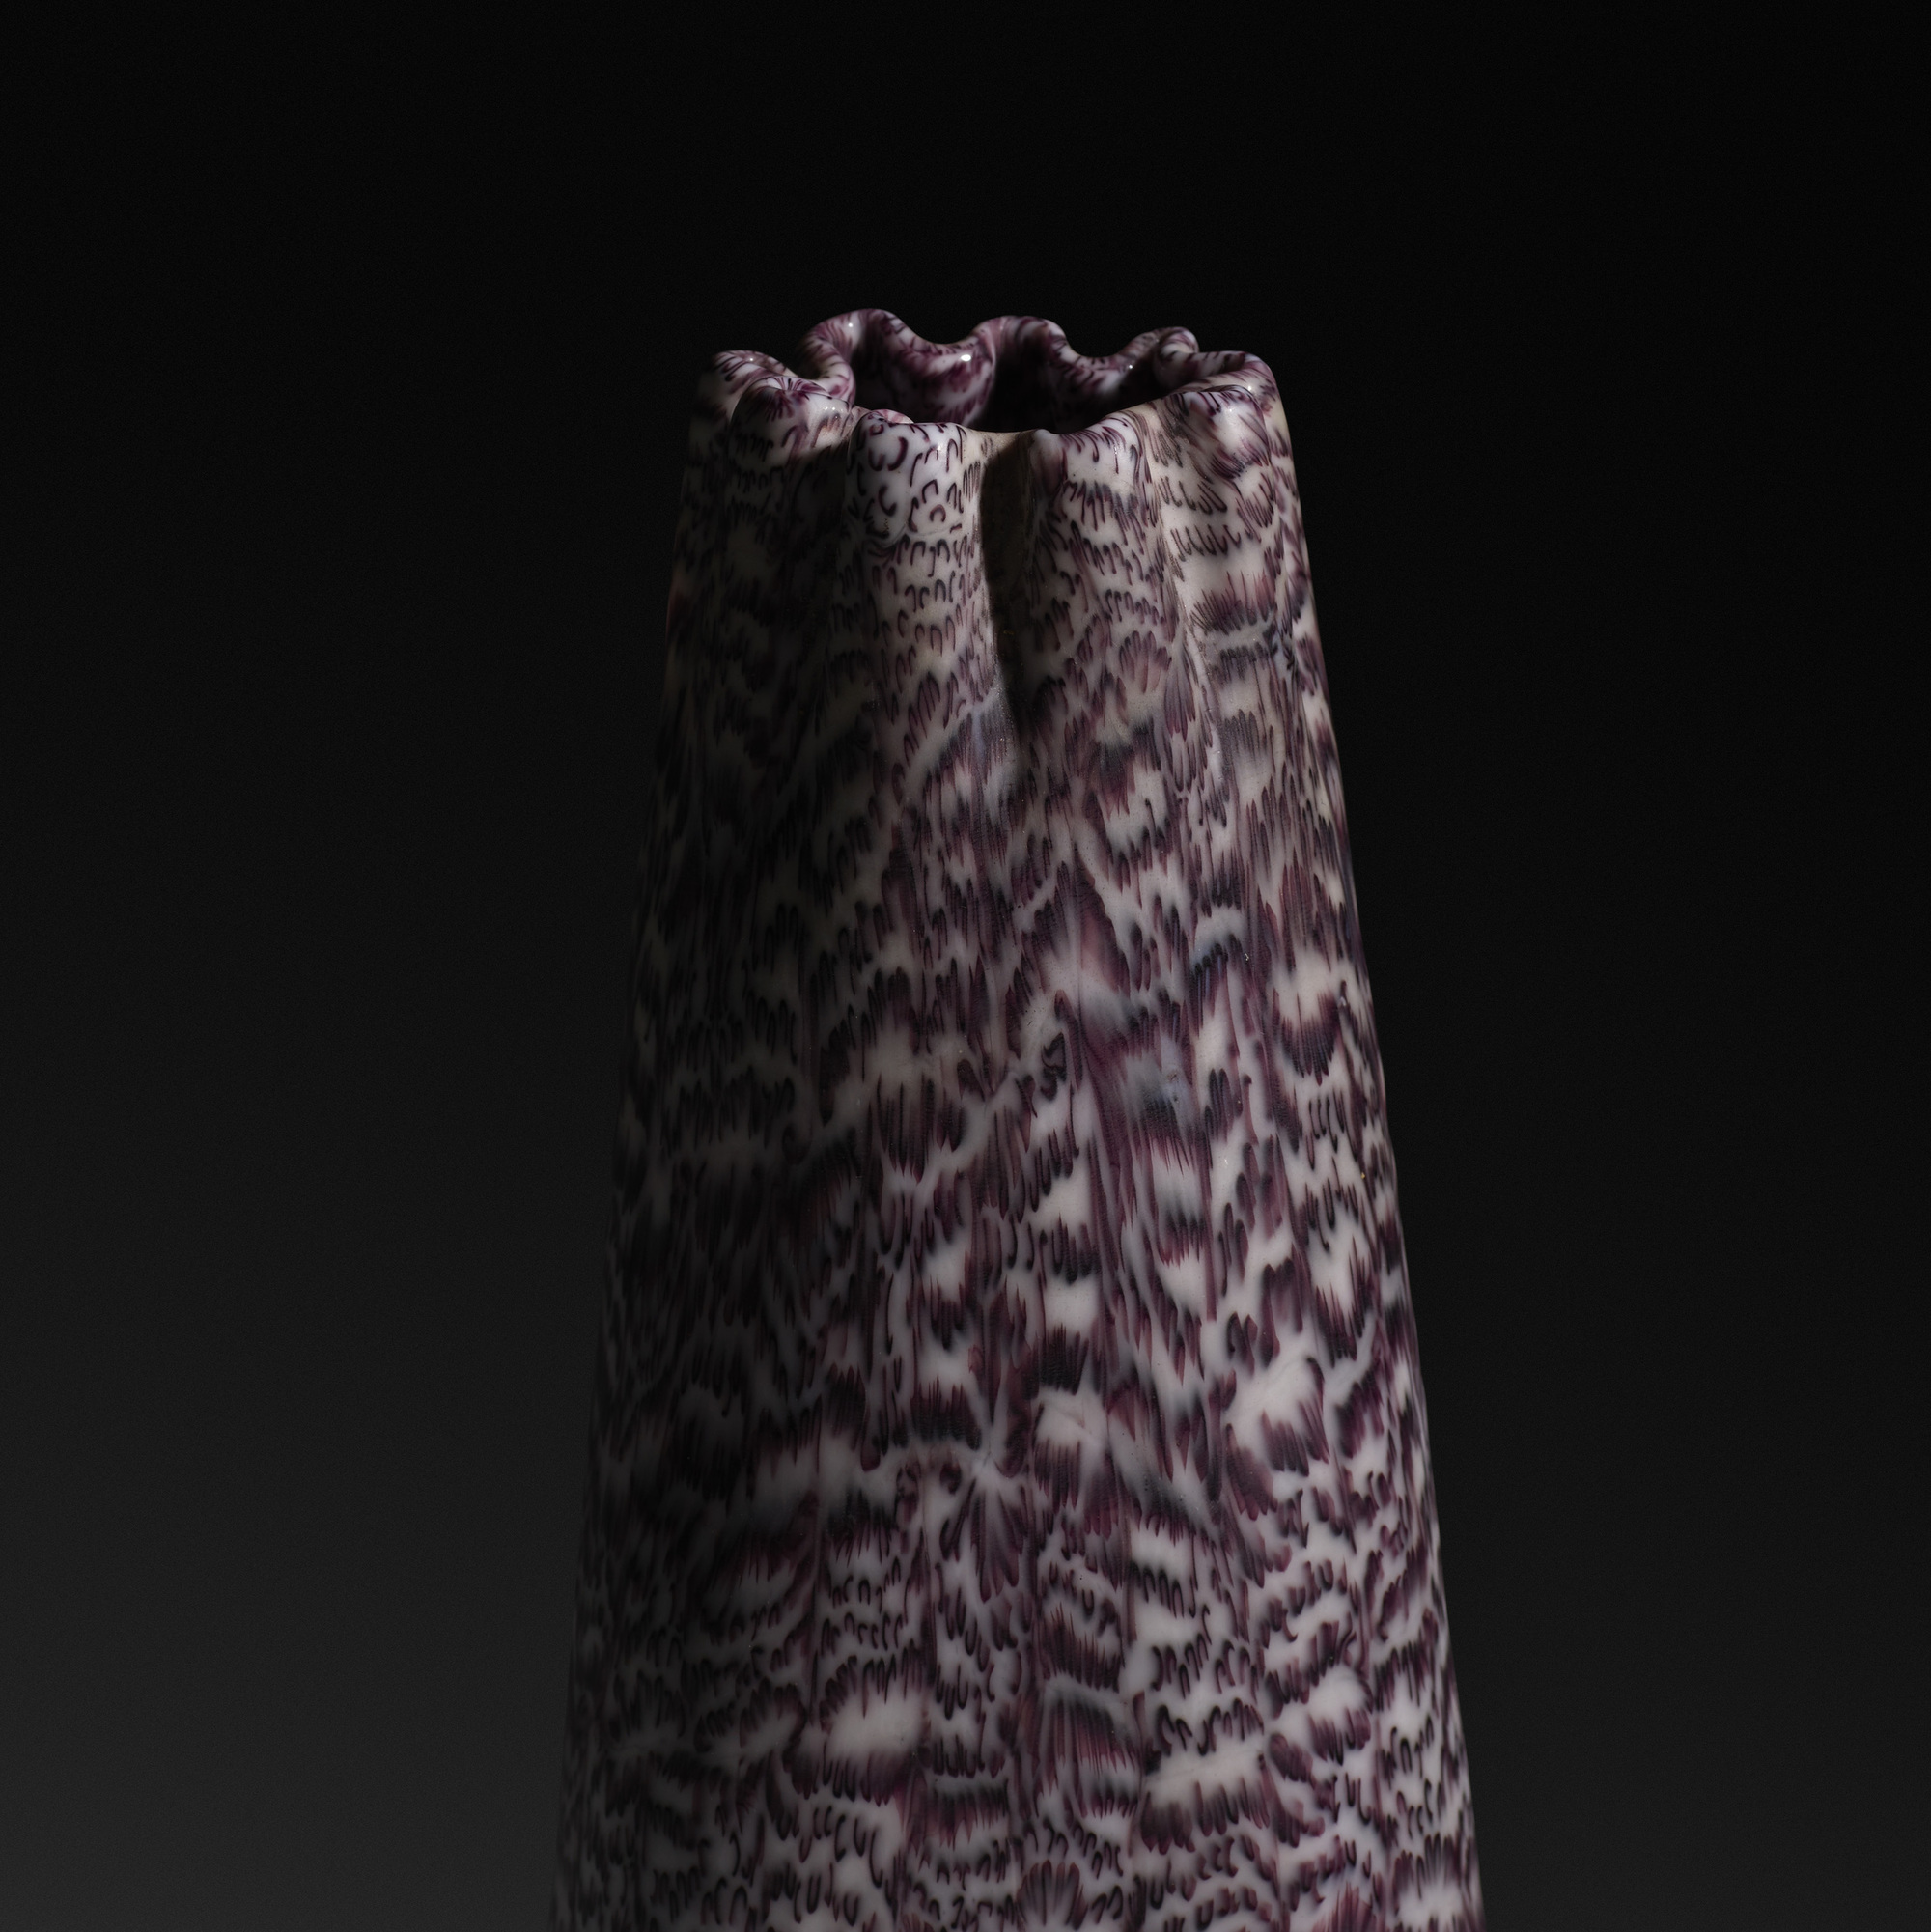 153: Paolo Venini / a Murrine vase, model 3670 (2 of 3)